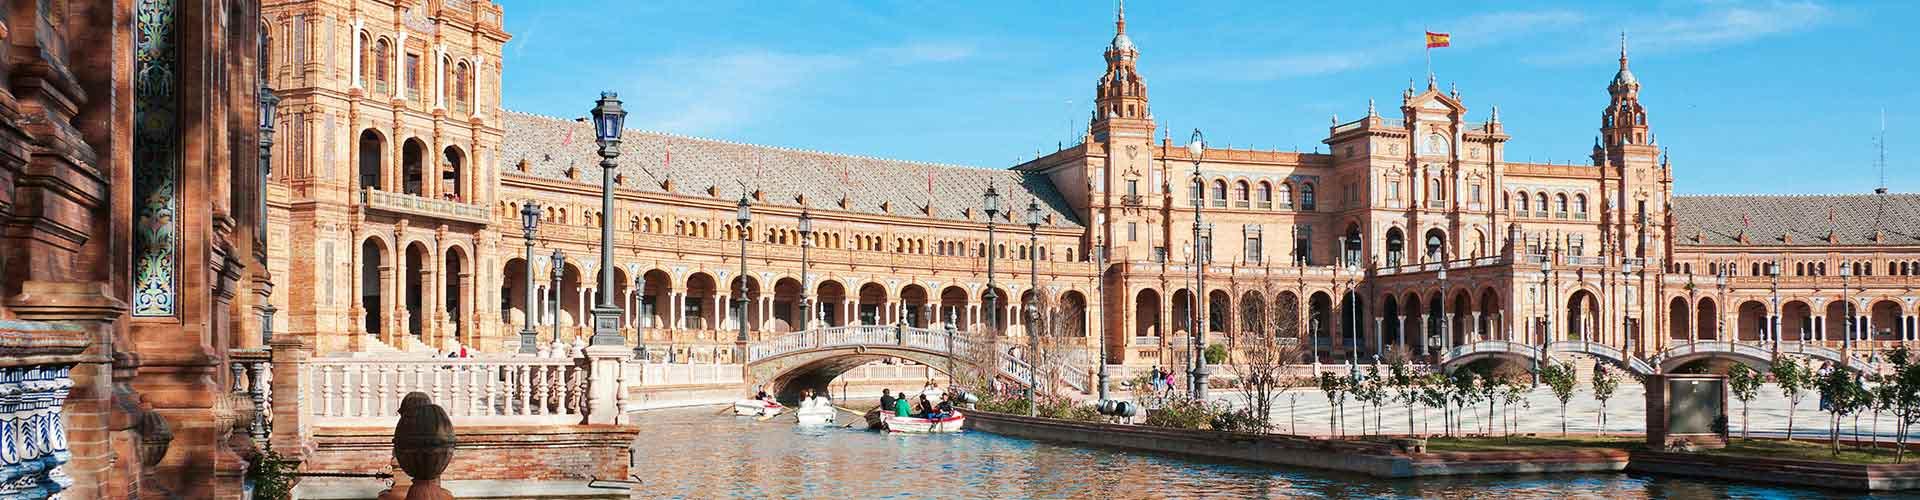 Seville - Hostelů v Seville. Mapy pro Seville, fotky a recenze pro každý hostel v Seville.